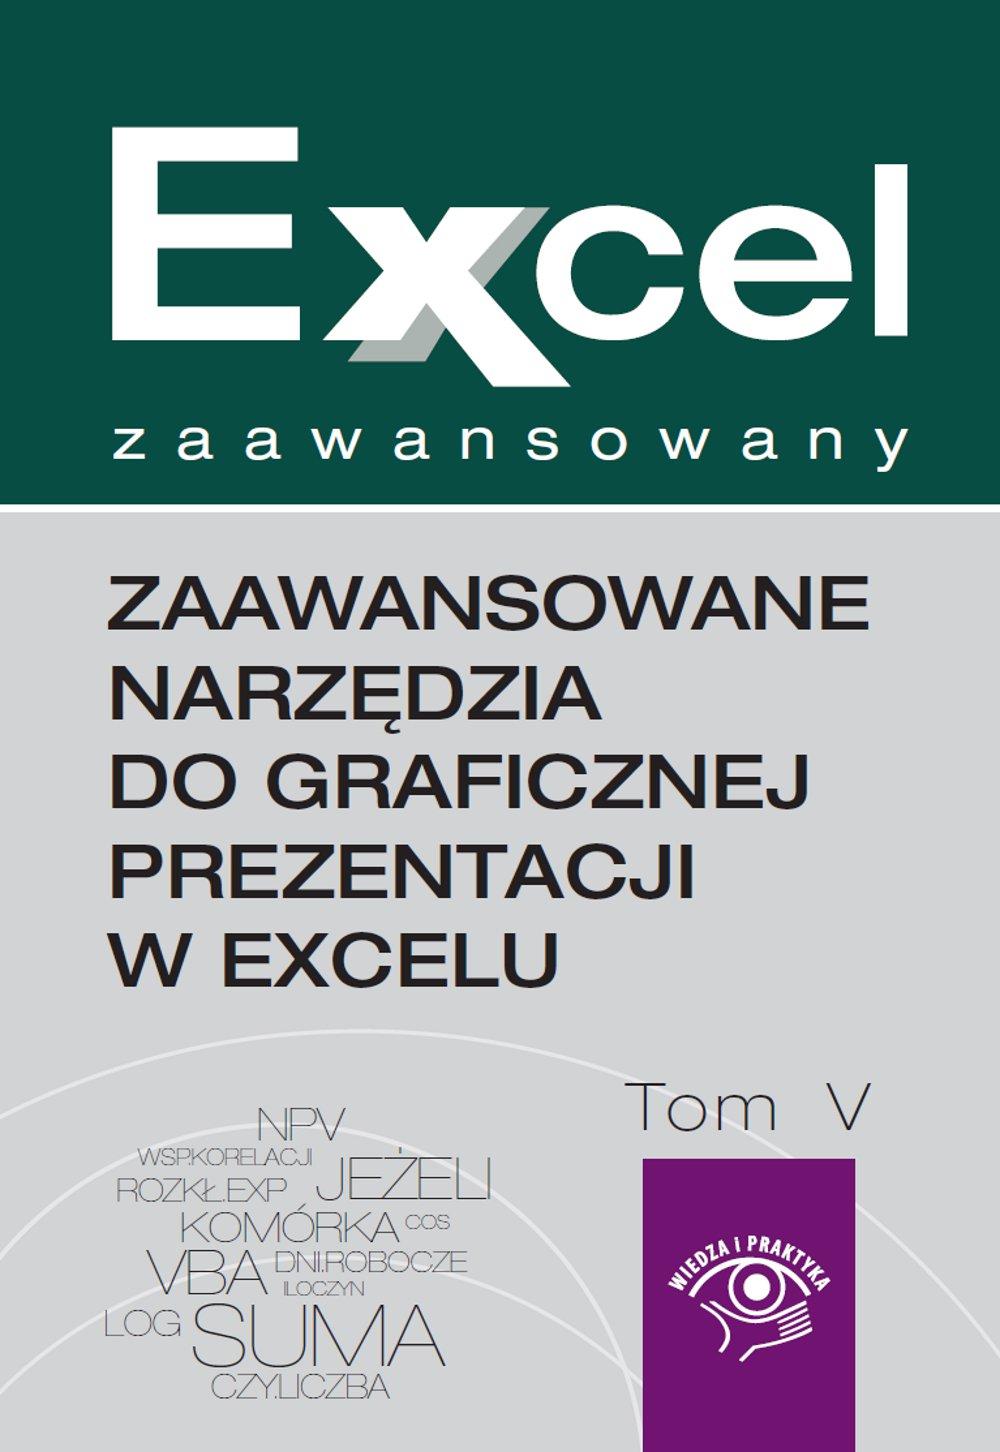 Zaawansowane narzędzia do graficznej prezentacji w Excelu - Ebook (Książka EPUB) do pobrania w formacie EPUB